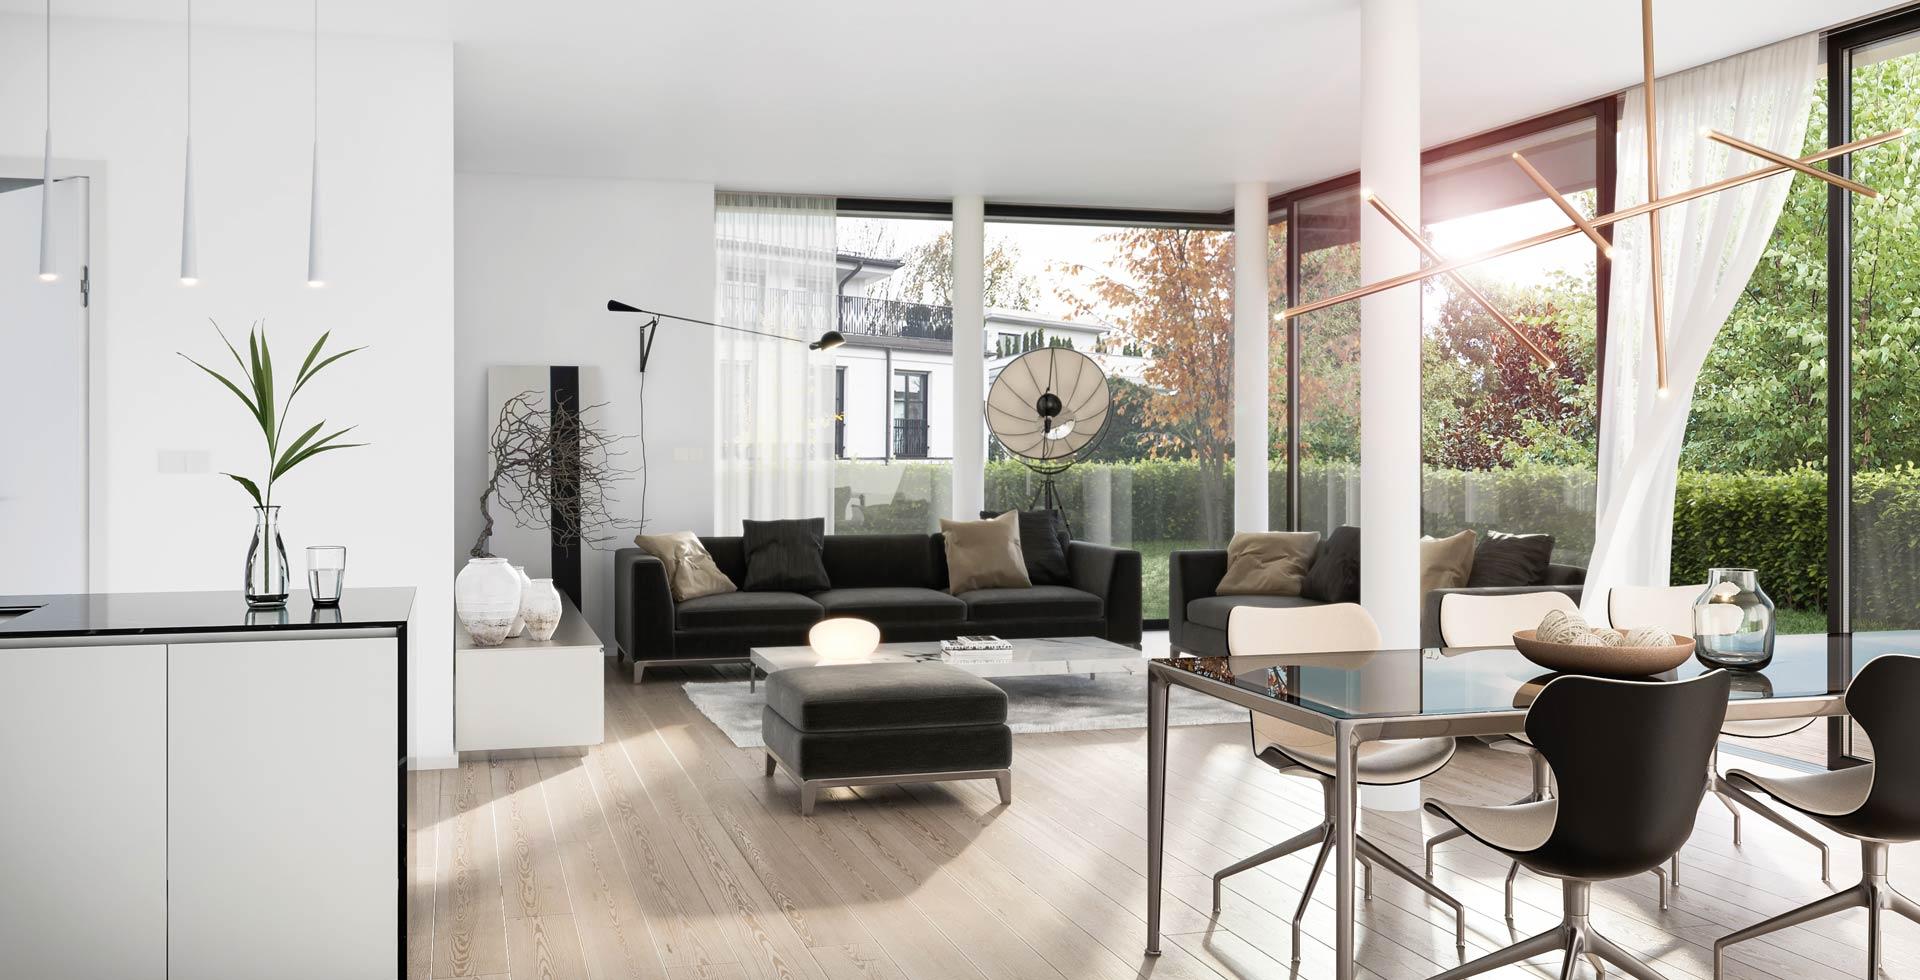 LHOMES_Neubauimmobilie_Flemingstr-München-Architektur-3-wohnen